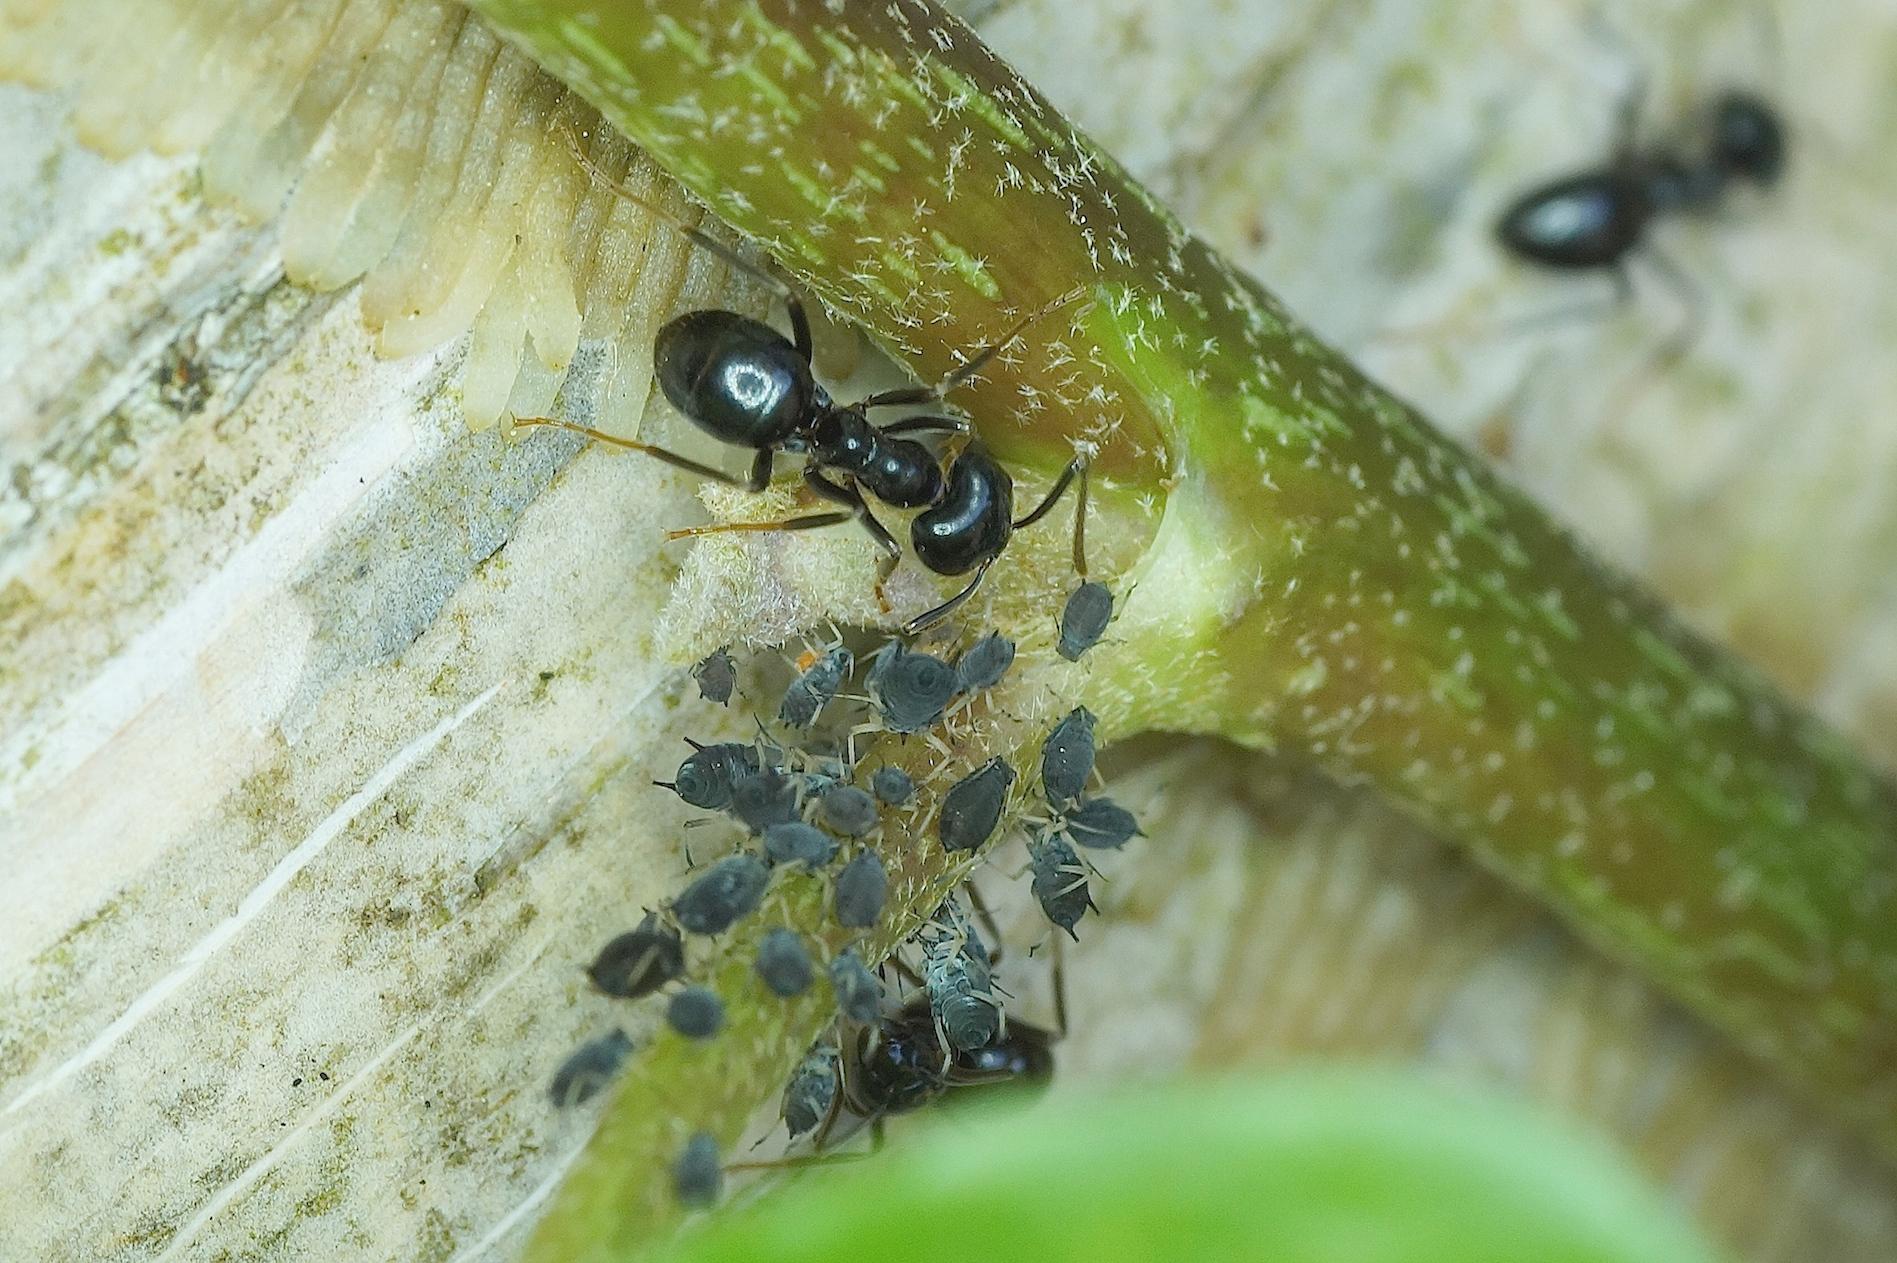 Grosses Fourmis Noires Dans Le Jardin la fourmi noire des bois - hyménoptères - quel est cet animal ?